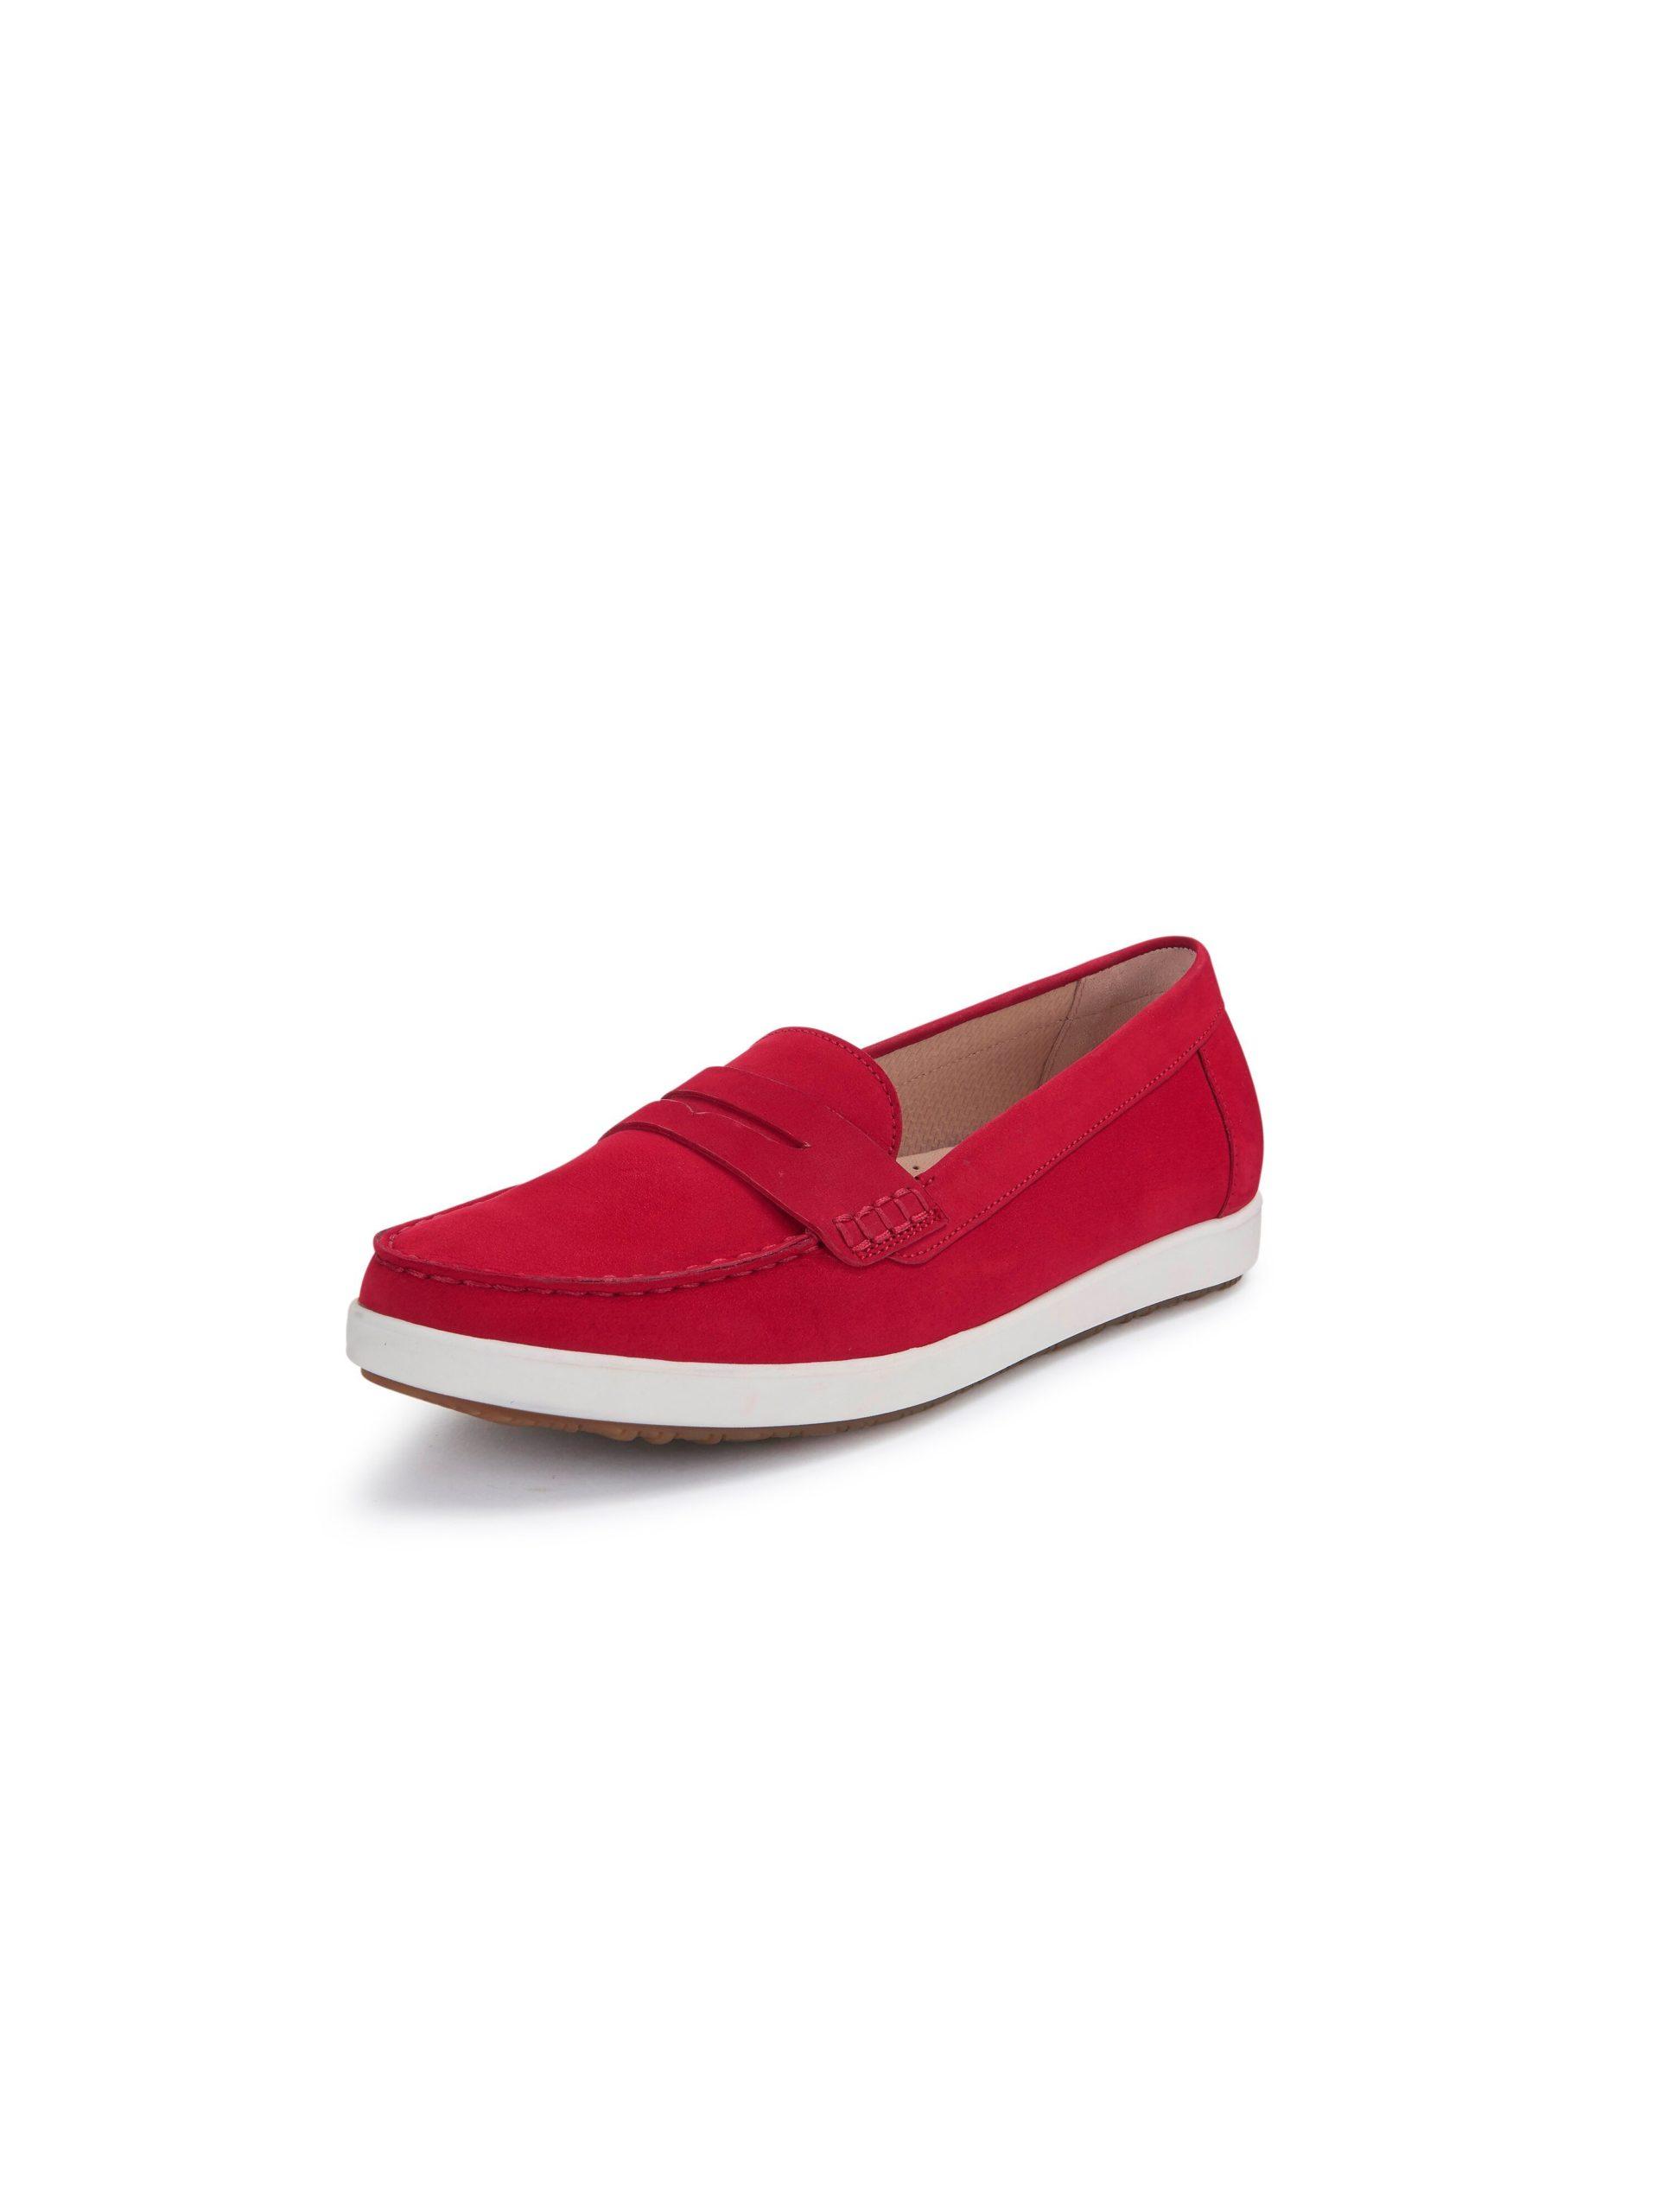 Mocassins Van Gabor Comfort rood Kopen